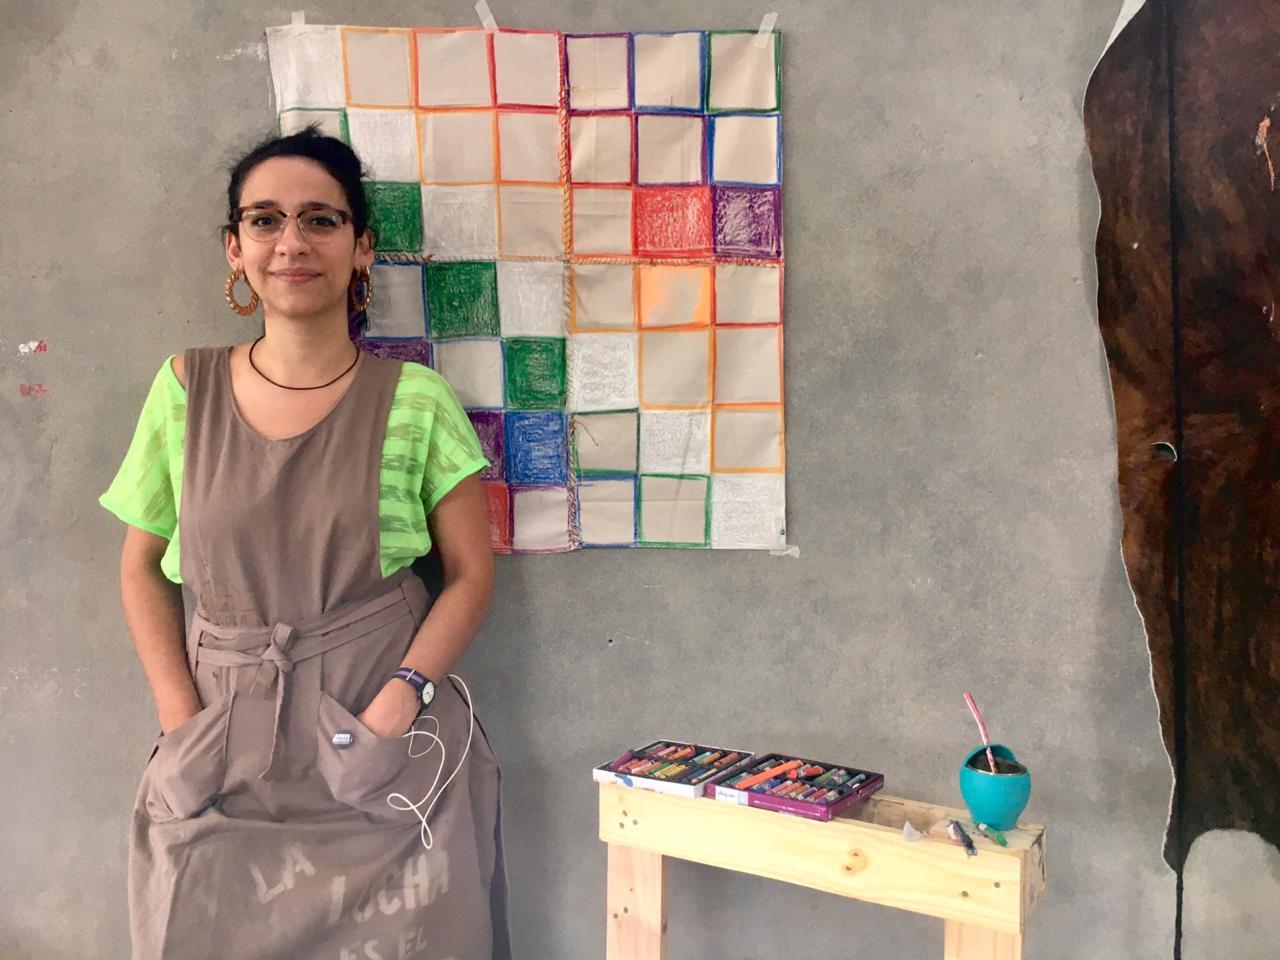 Lucrecia Lionti en Residencia Chela